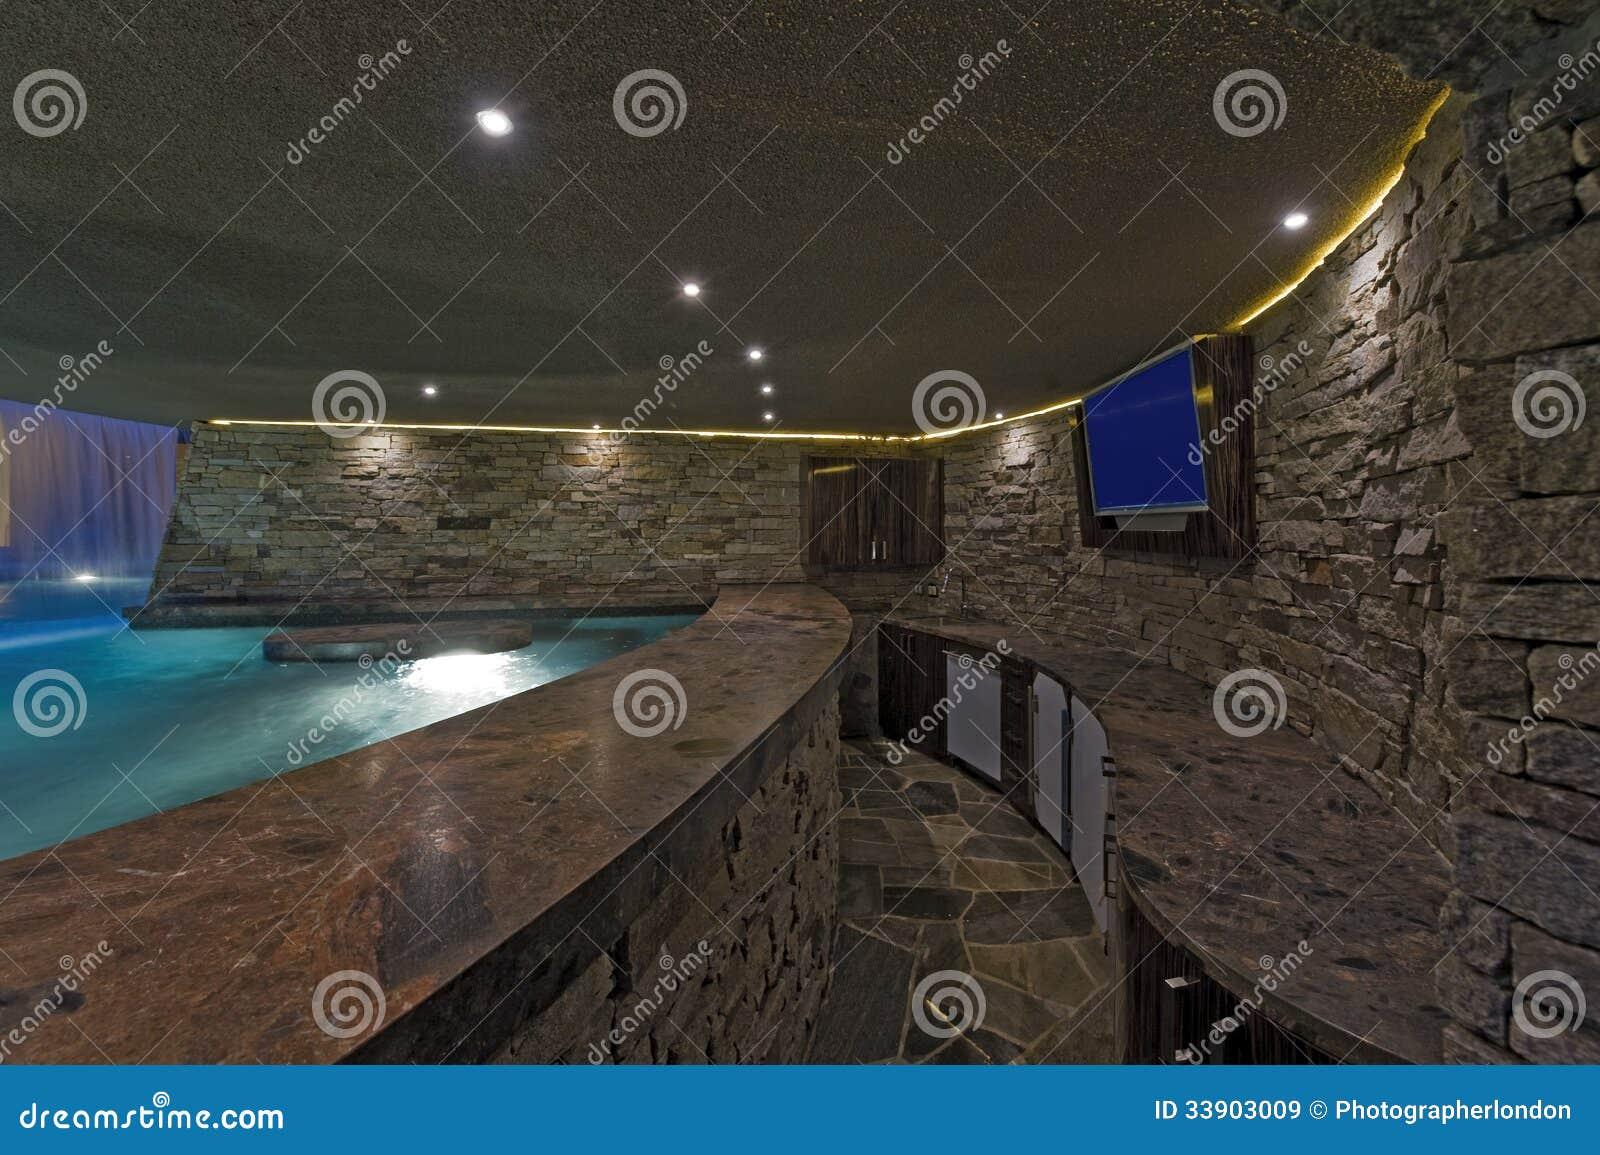 Piscine avec la tv sur le mur en pierre images libres de droits image 3390 - Chambre avec mur en pierre ...